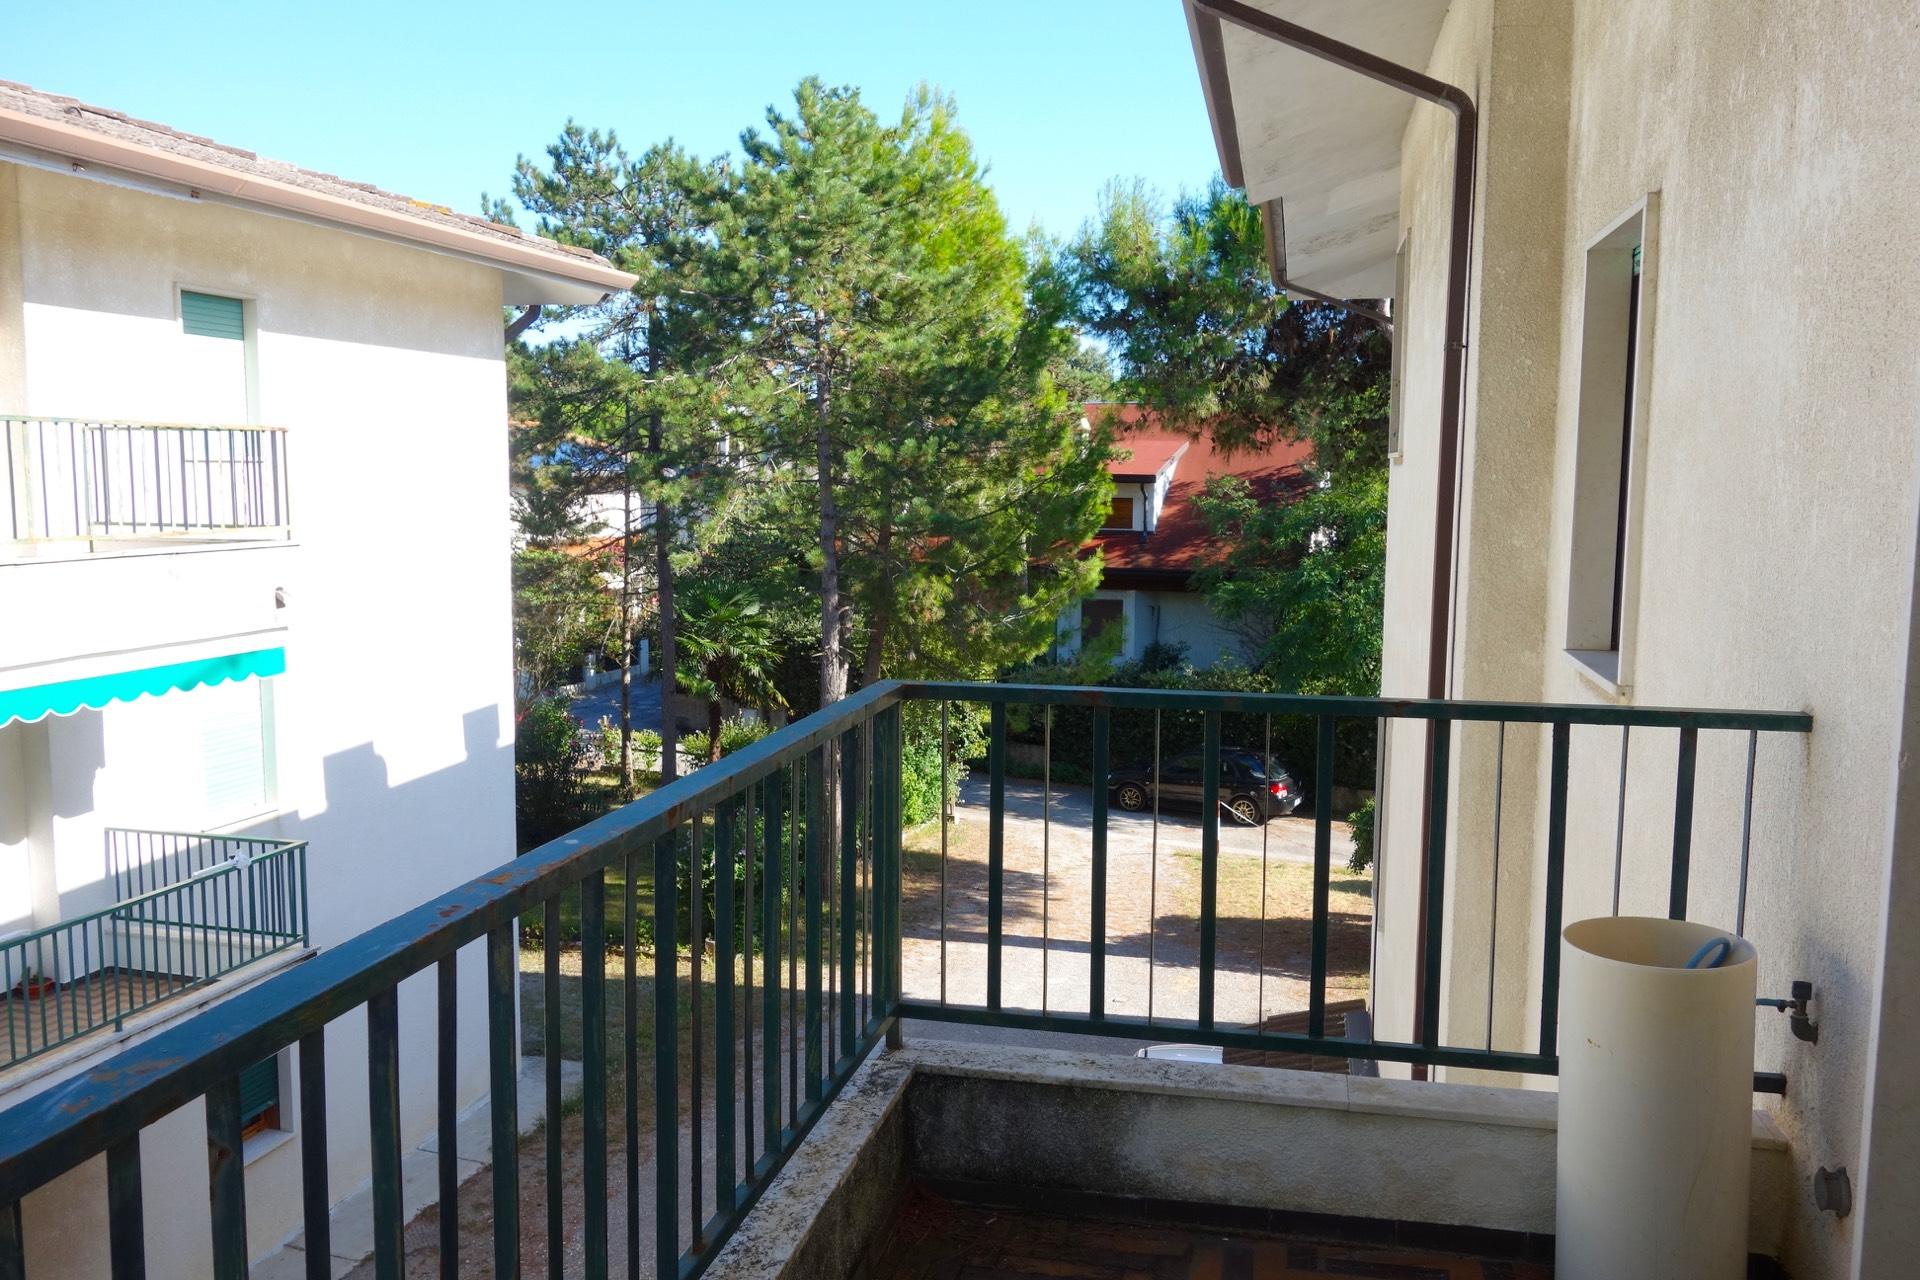 Appartamento in vendita a Grado, 2 locali, zona ta, prezzo € 64.000 | PortaleAgenzieImmobiliari.it